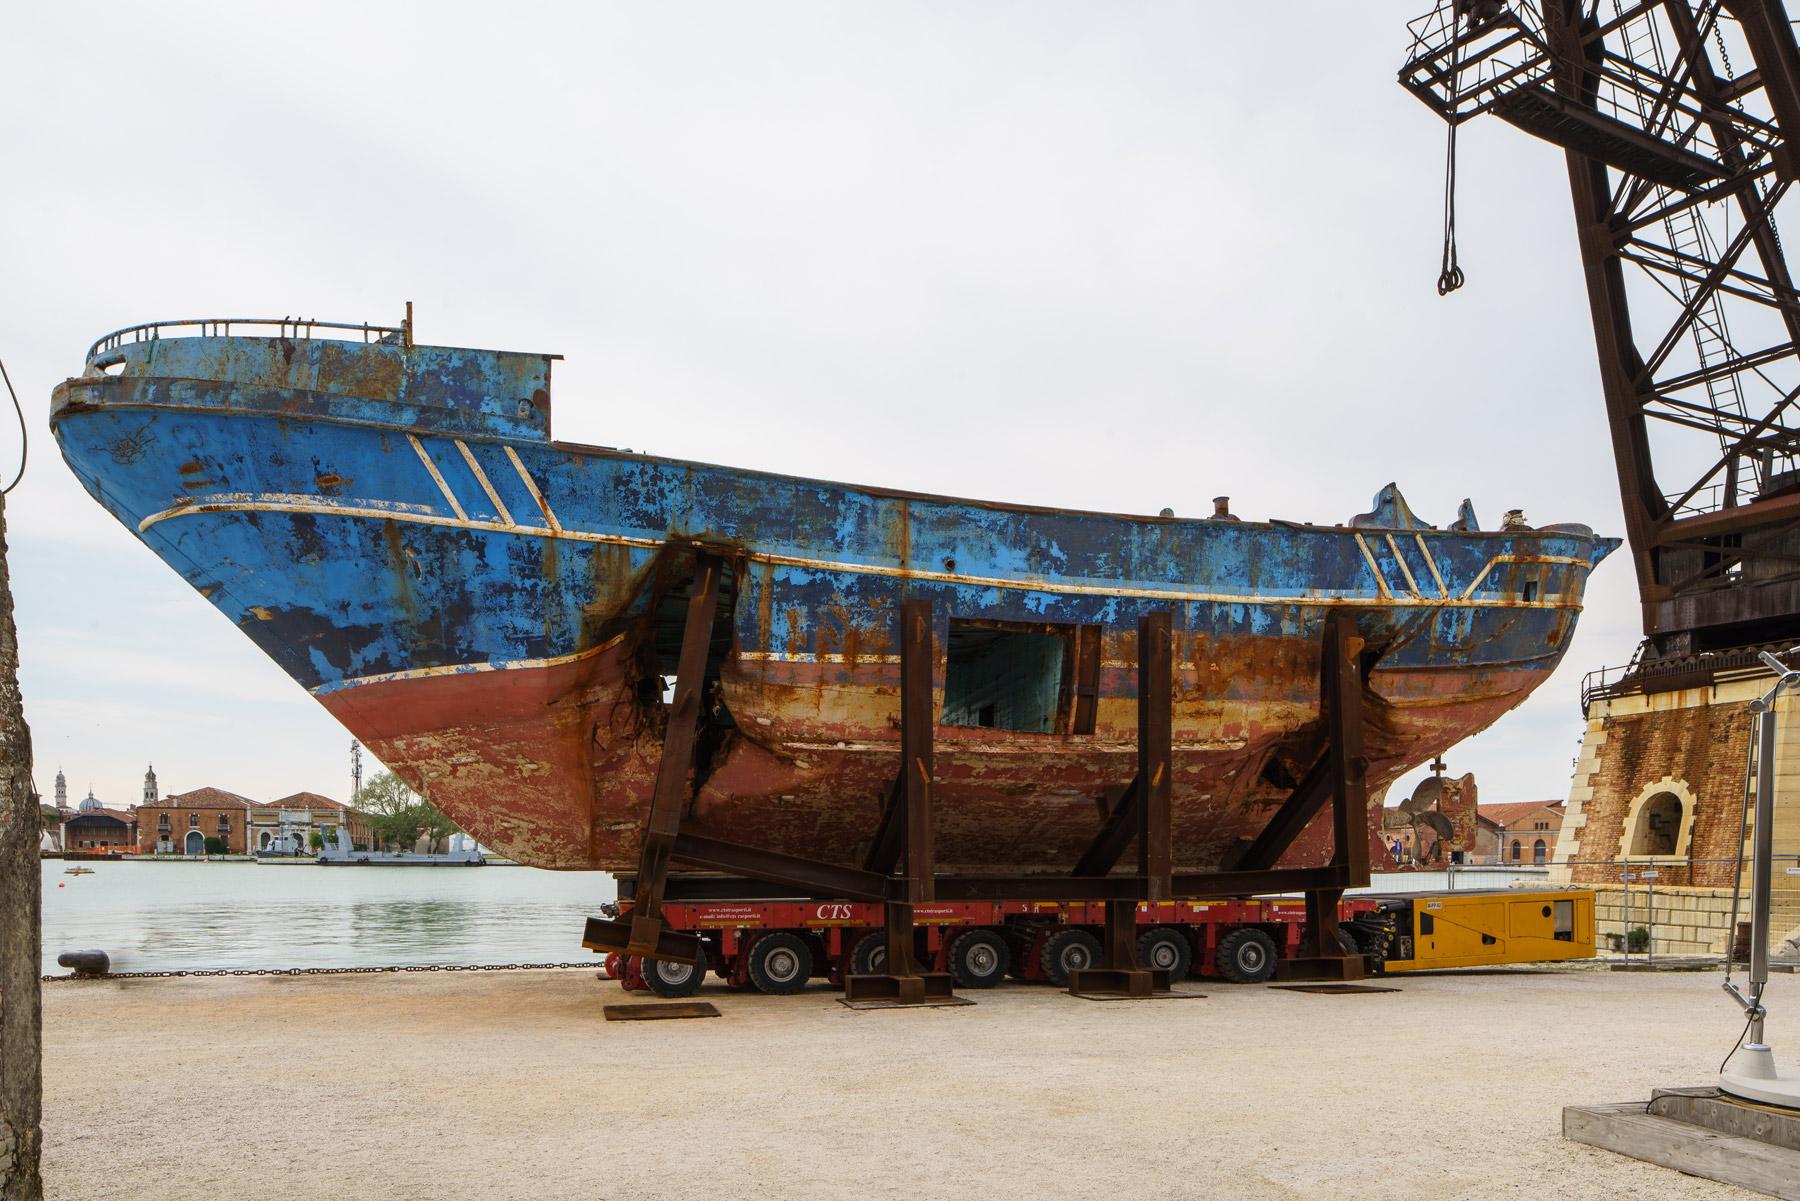 Torna in Sicilia il relitto del naufragio dei migranti esposto alla Biennale di Venezia 2019